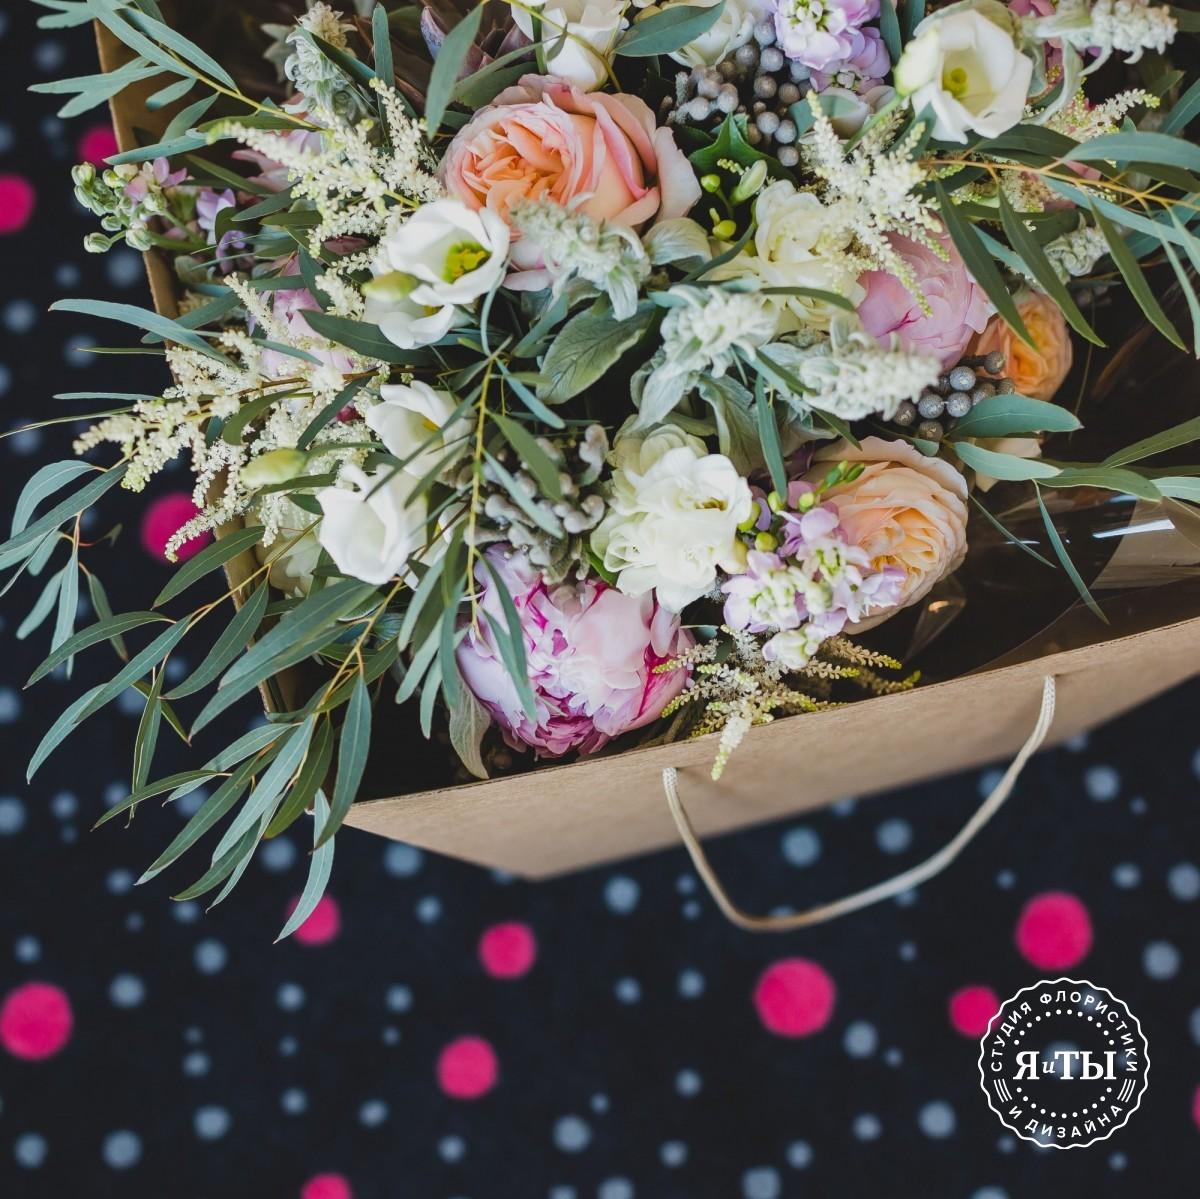 Ароматный свадебный букет с эхеверией и пионовидными розами